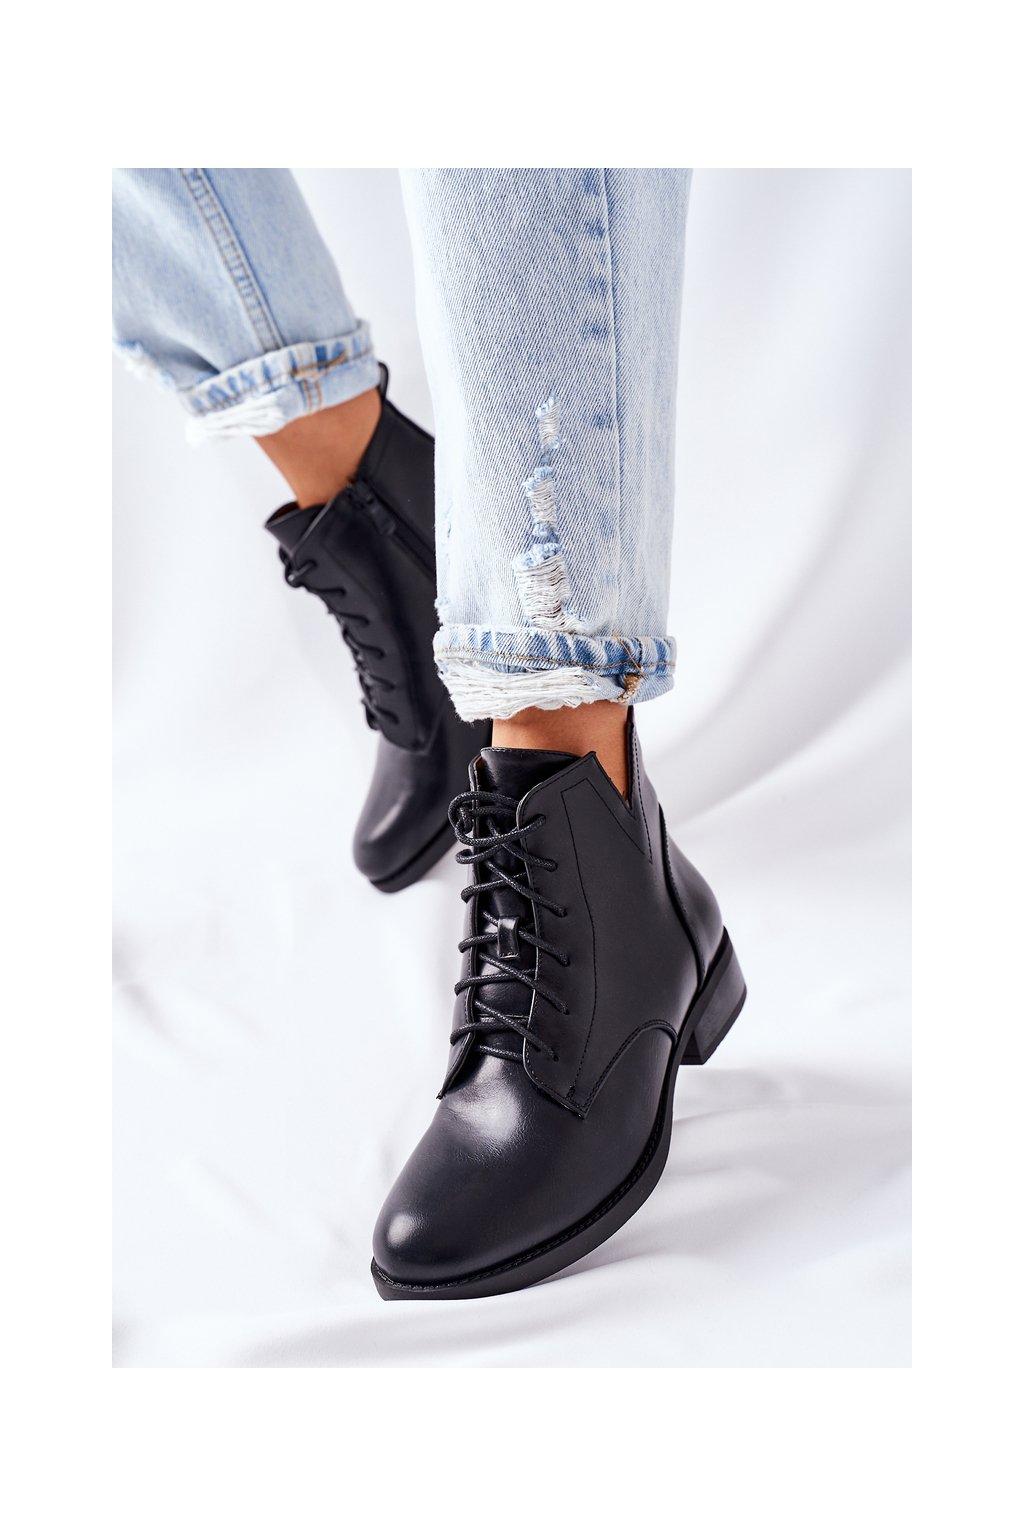 Členkové topánky na podpätku farba čierna kód obuvi 75-88 BLACK